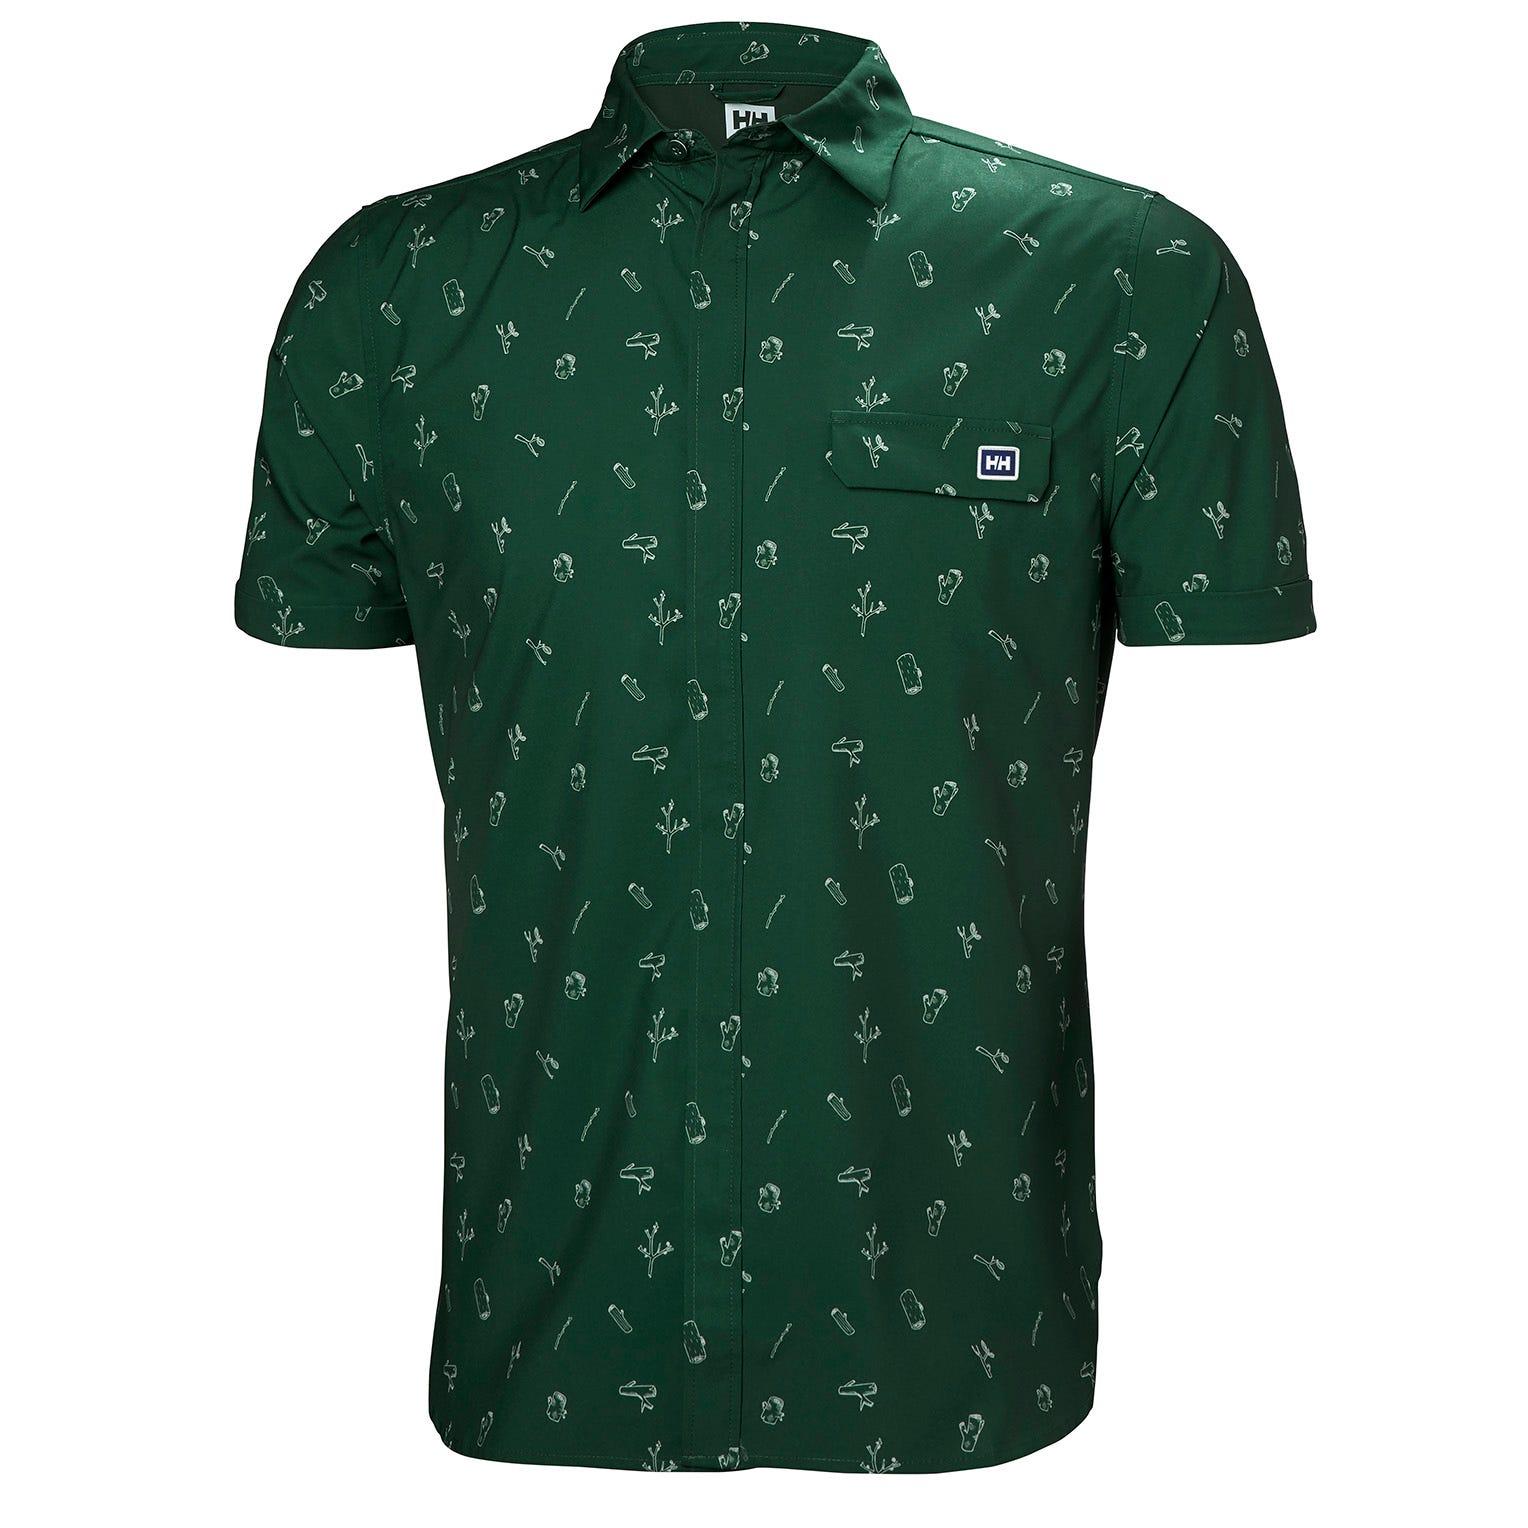 Helly Hansen Oya Shirt Green XL